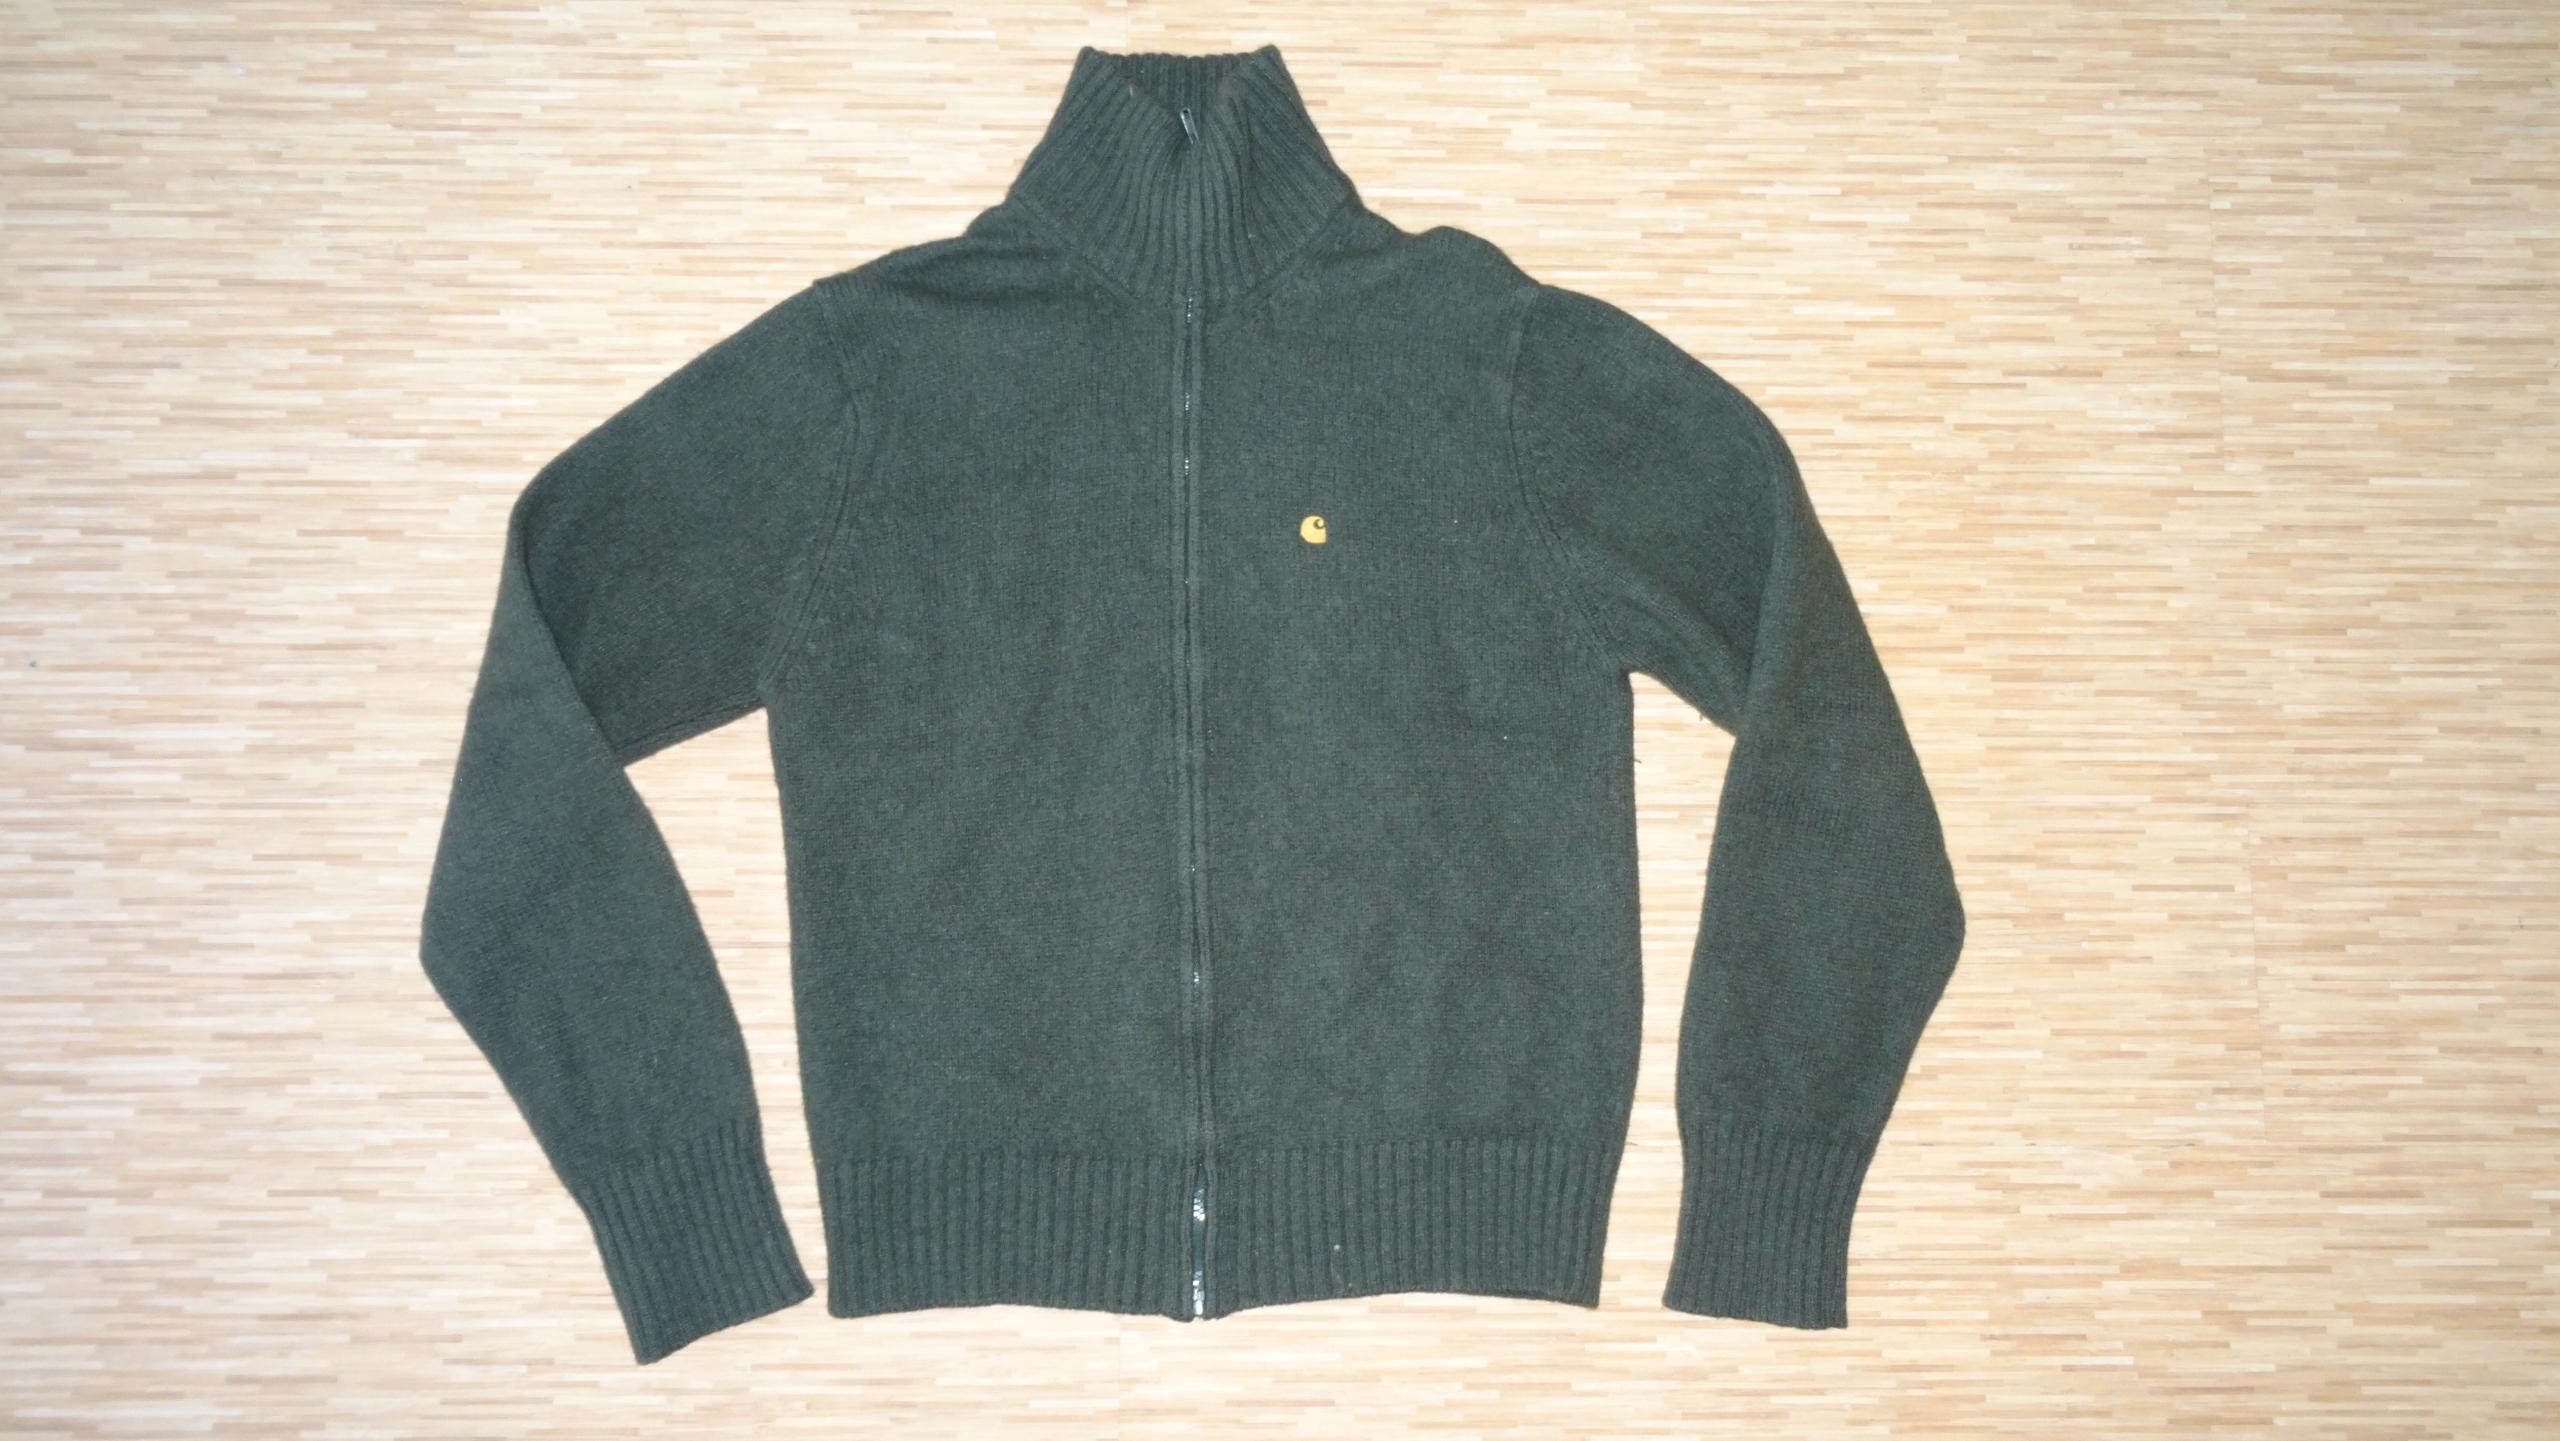 Wełniany sweter CARHARTT SHETLAND roz M BCM